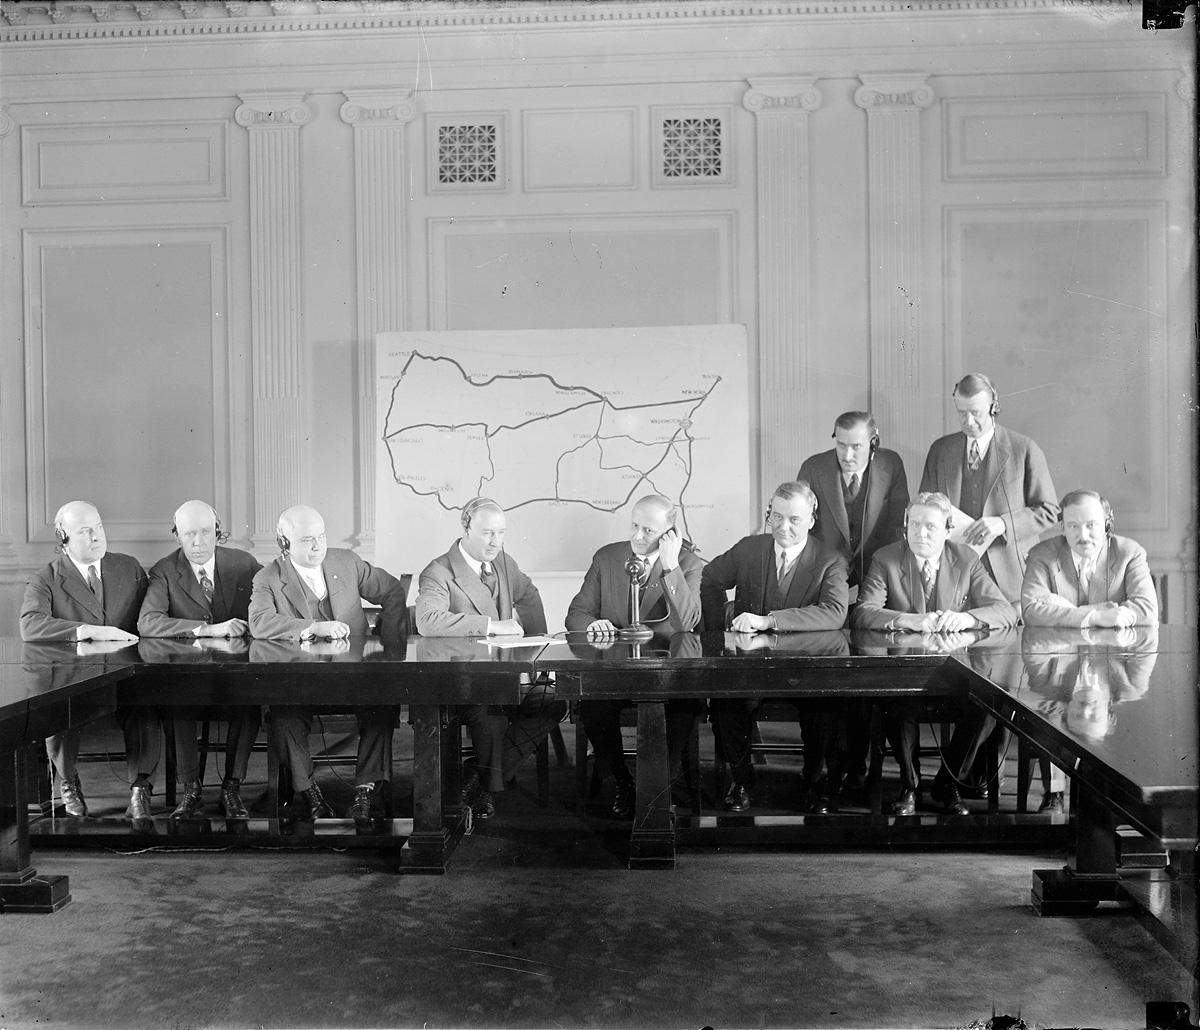 Открытие третьей трансконтинентальной телефонной линии, из Сиэттла до Чикаго. 17 января 1927